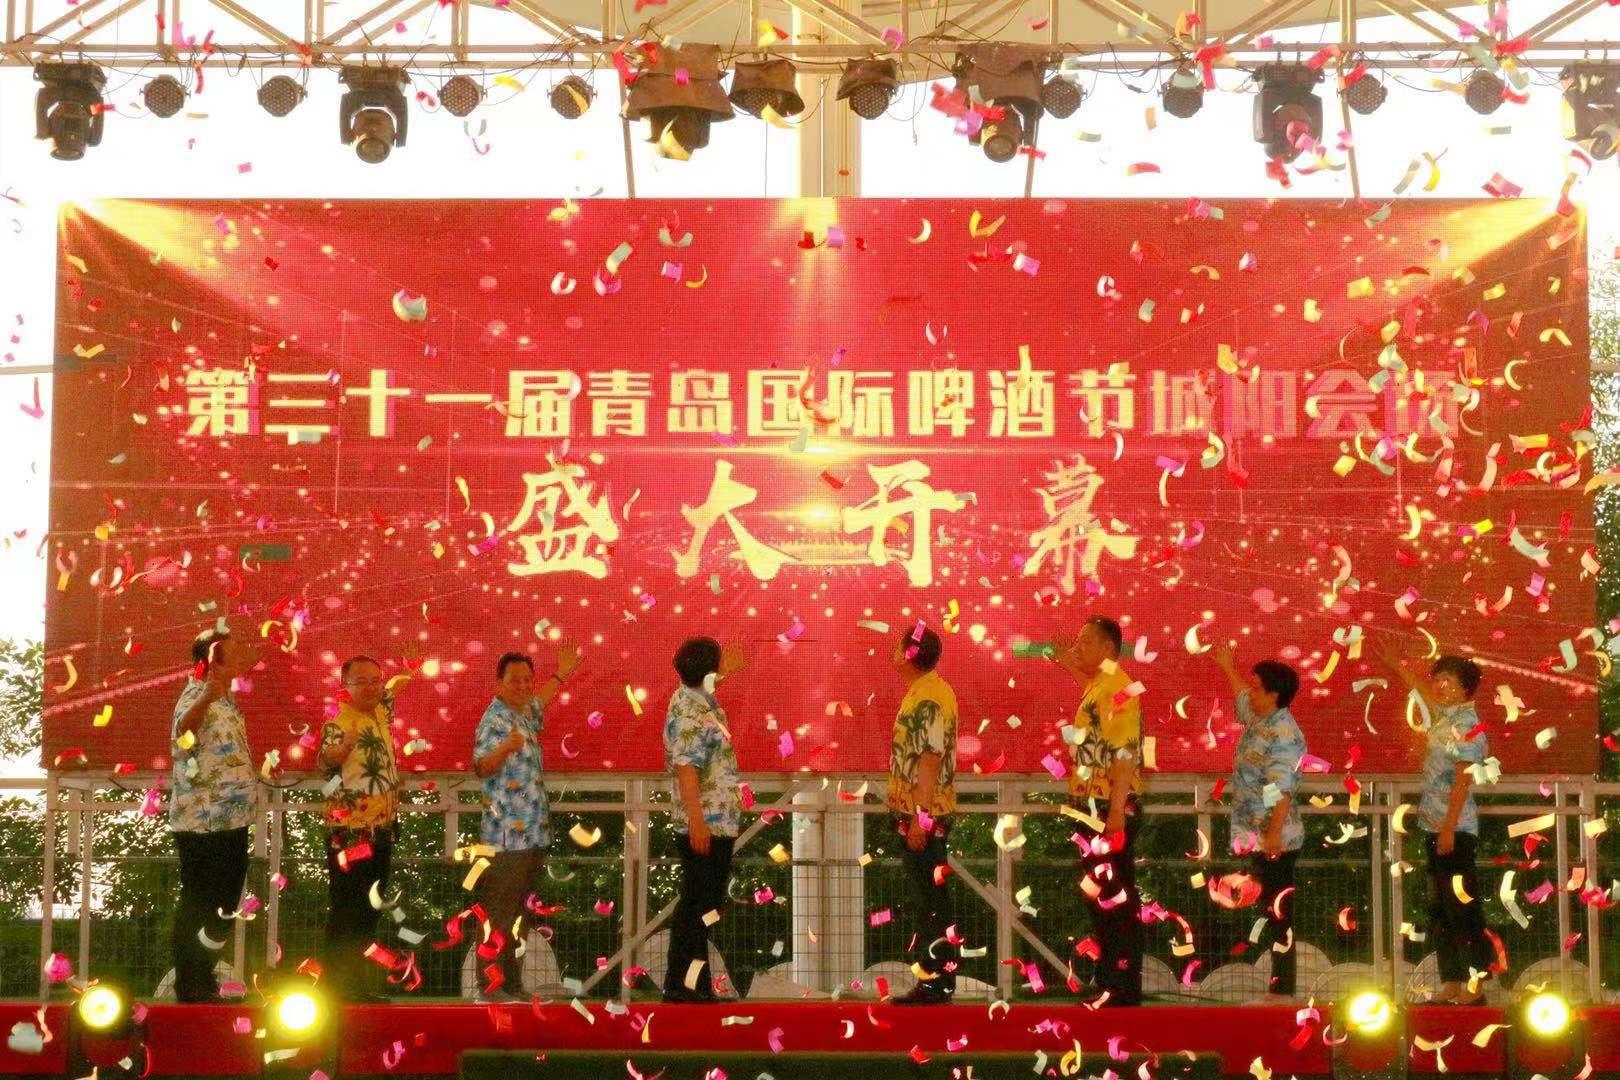 第31届青岛国际啤酒节城阳区会场亮点纷呈缩略图